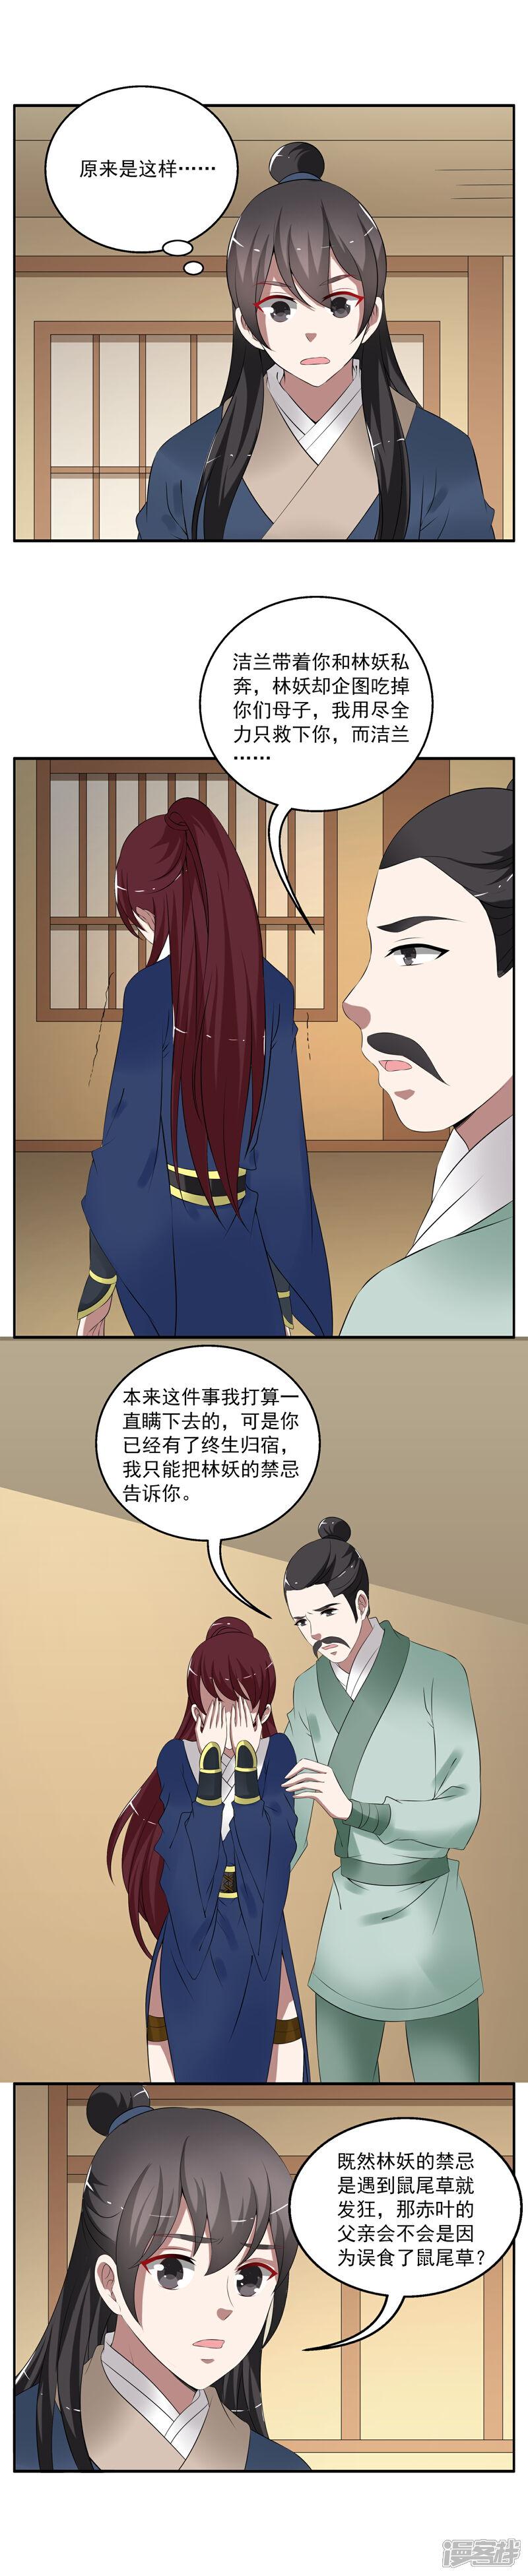 洛小妖185 (5).JPG